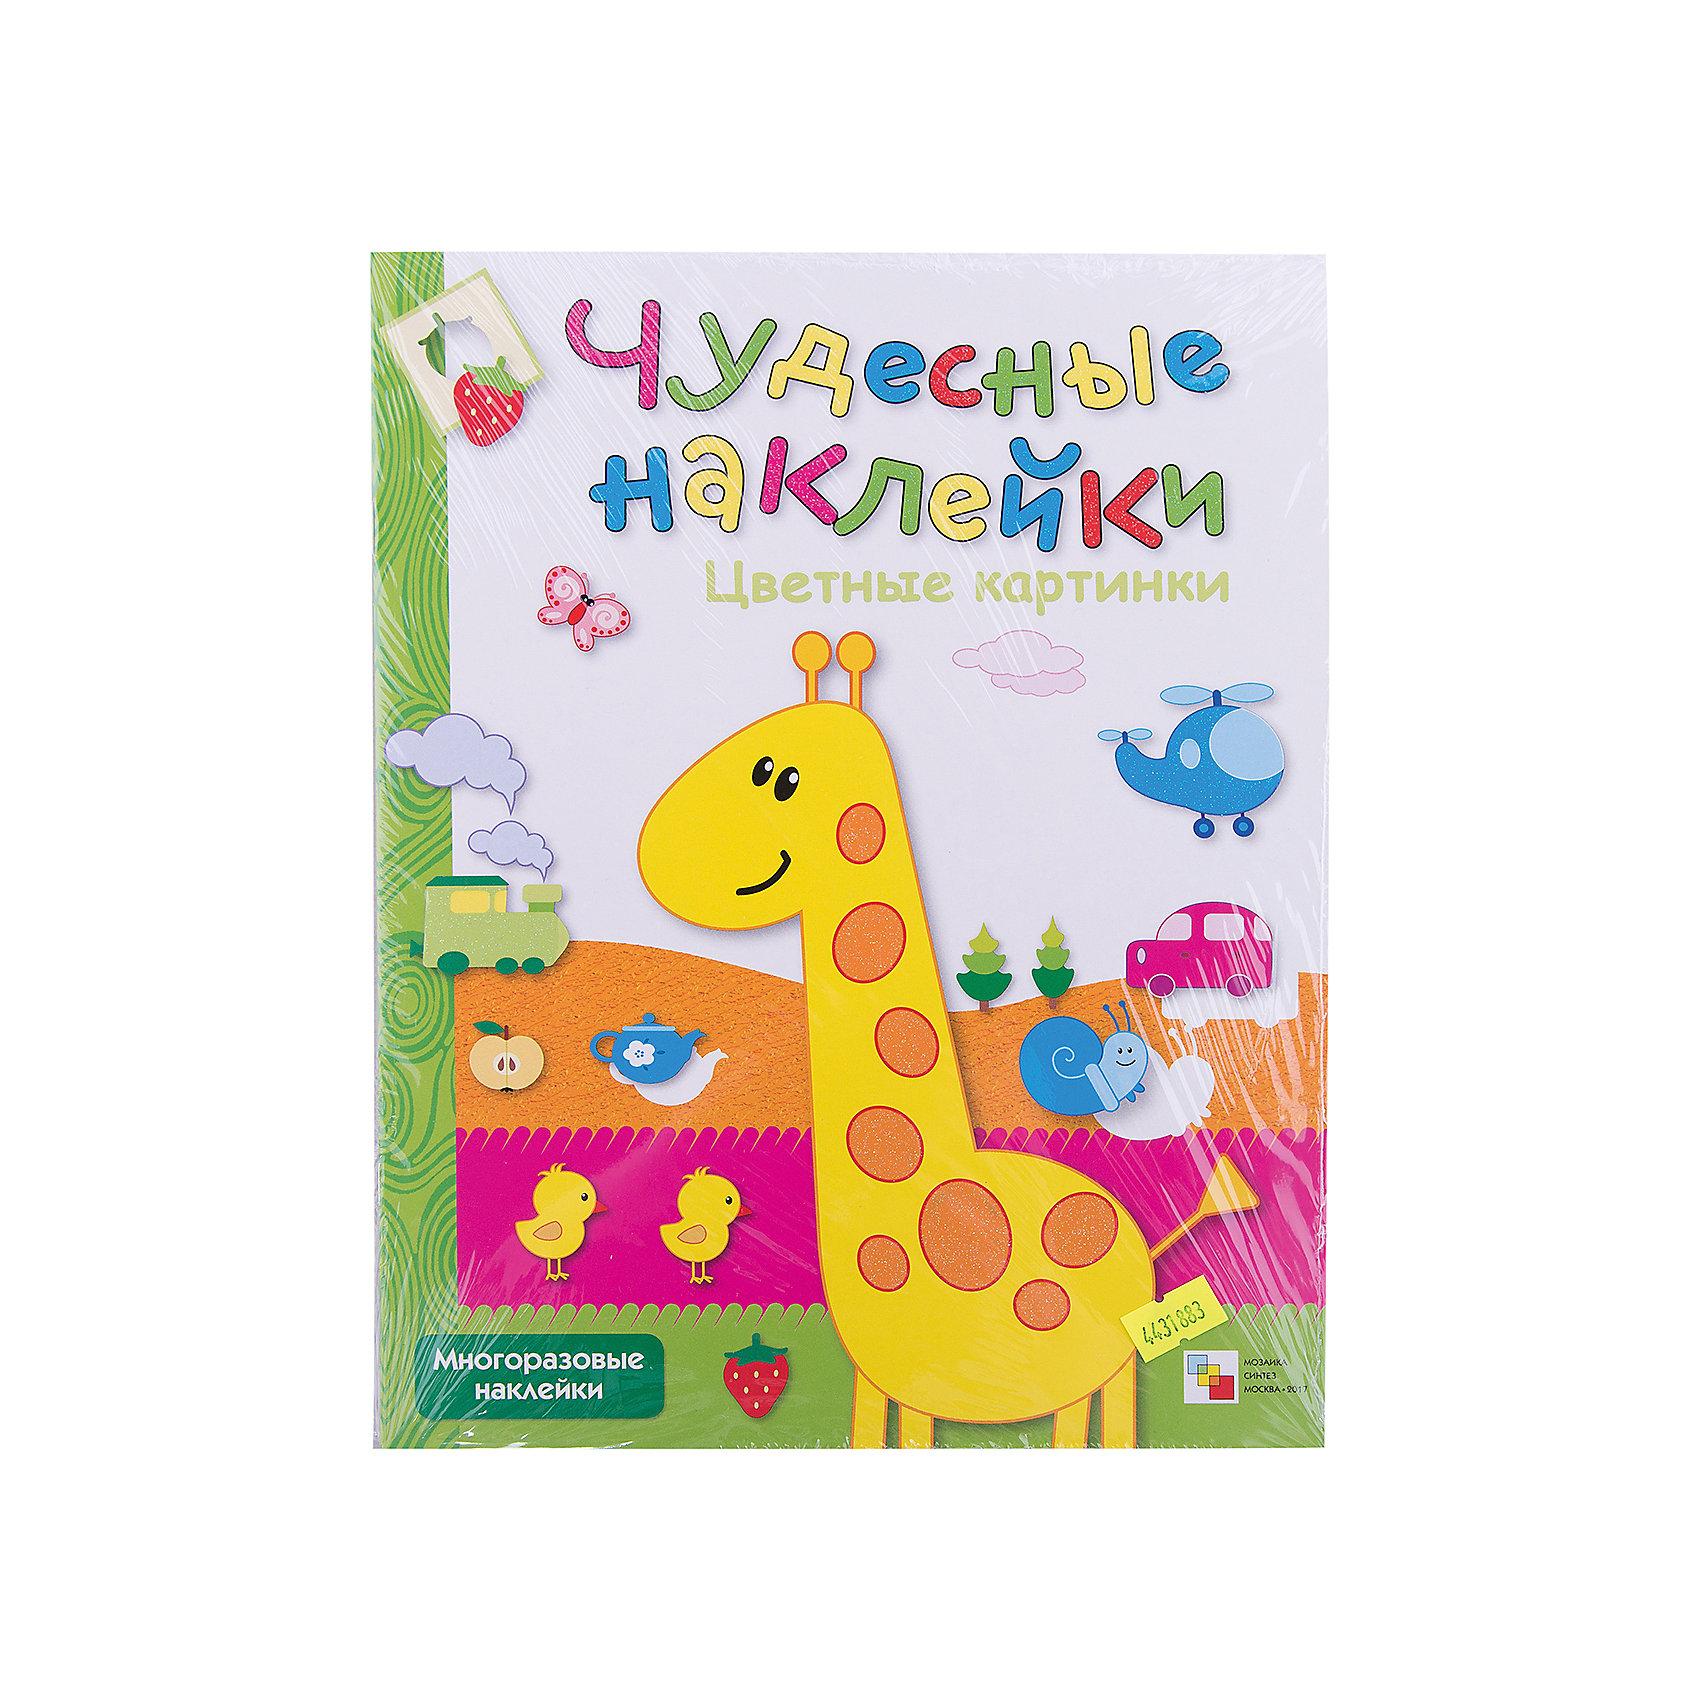 Развивающая книга Чудесные наклейки. Цветные картинкиКнижки с наклейками<br>Развивающая книга Чудесные наклейки. Цветные картинки - это увлекательная игровая книжка с многоразовыми наклейками для малышей.<br>Книга с многоразовыми наклейками Цветные картинки познакомит малышей с цветом. Всего в книге предложено 8 цветовых блоков по 4 картинки: розовый, красный, оранжевый, желтый, зеленый, синий, фиолетовый, черный. На каждой странице расположены предметы одинакового цвета, к которым малыши должны подобрать соответствующие наклейки. Задания в книге несложные, ребенок вполне может справиться с ними самостоятельно. Наклейки многоразовые, очень хорошего качества. Они представляют собой плотную клейкую пленку, легко отделяются от основы, их можно переклеивать с места на место, не боясь испортить книжку. Наклейки яркие и красочные, что, несомненно, вызовет восторг у ребенка. Украшать книгу наклейками - занятие не только увлекательное, но и полезное. Оно способствует развитию воображения, мелкой моторики пальцев рук, координации движений, позволяет детям лучше узнавать окружающий мир, положительно влияет на речевое и интеллектуальное развитие, учит находить и принимать решения.<br><br>Дополнительная информация:<br><br>- Художник: Романцова Е.<br>- Редактор: Бурмистрова Л.<br>- Издательство: Мозаика-Синтез, 2013 г.<br>- Серия: Чудесные наклейки<br>- Тип обложки: мягкий переплет (крепление скрепкой или клеем)<br>- Оформление: с наклейками, глитер (блестки)<br>- Иллюстрации: цветные<br>- Количество страниц: 8 (мелованная)<br>- Размер: 282x216x2 мм.<br>- Вес: 92 гр.<br><br>Развивающую книгу Чудесные наклейки. Цветные картинки можно купить в нашем интернет-магазине.<br><br>Ширина мм: 282<br>Глубина мм: 216<br>Высота мм: 20<br>Вес г: 110<br>Возраст от месяцев: 36<br>Возраст до месяцев: 72<br>Пол: Унисекс<br>Возраст: Детский<br>SKU: 4431883